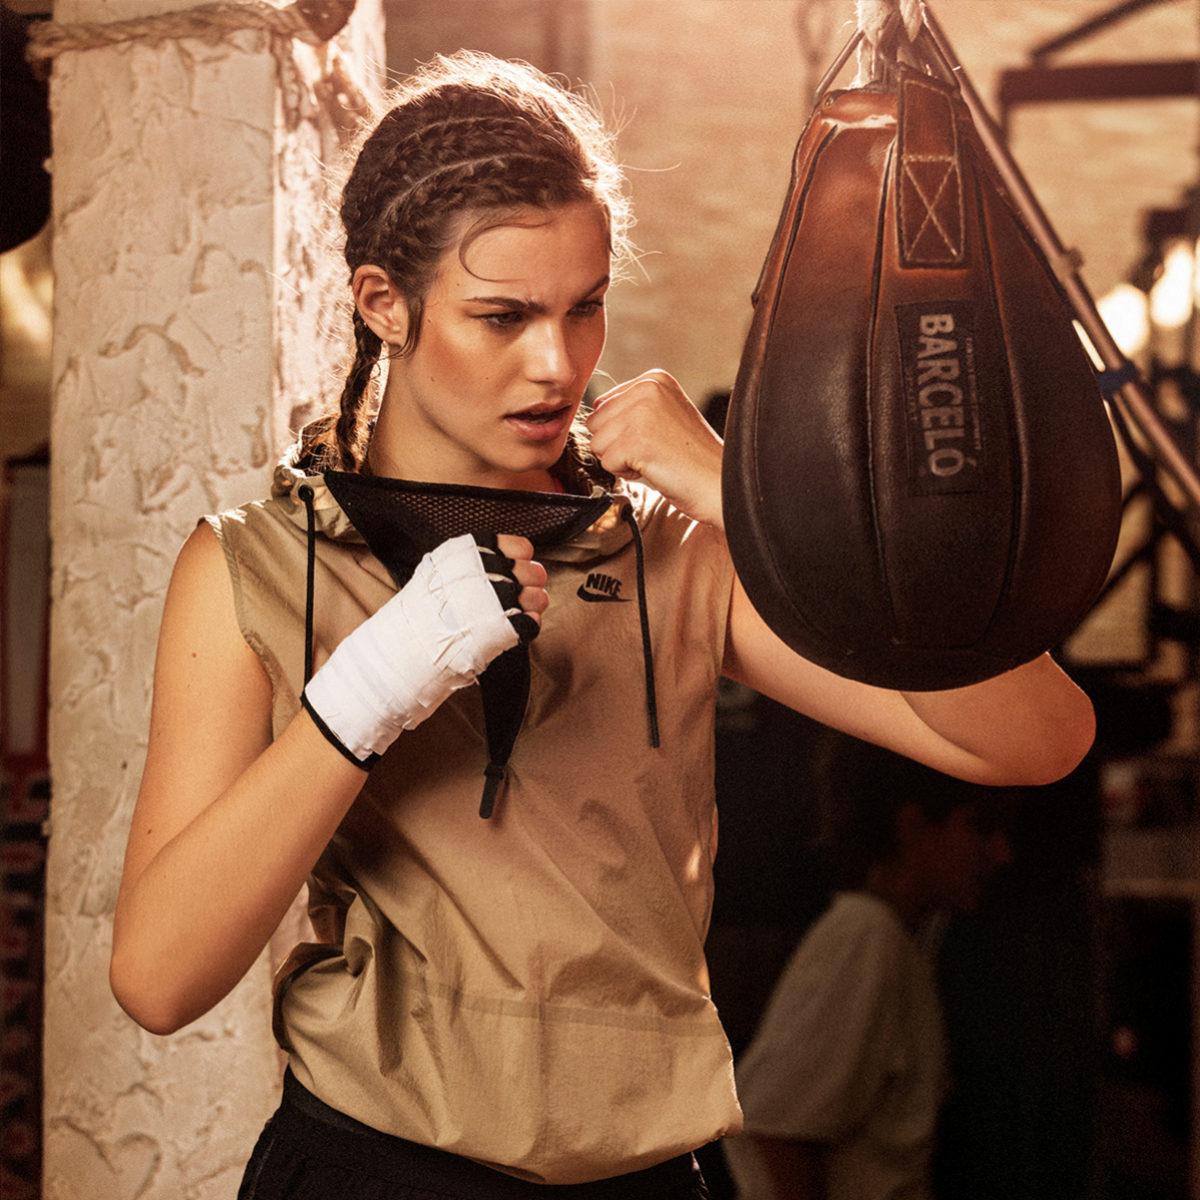 El boxeo es un deporte que se puede adaptar a las necesidades de cada cual, por eso puede practicarlo todo el mundo.